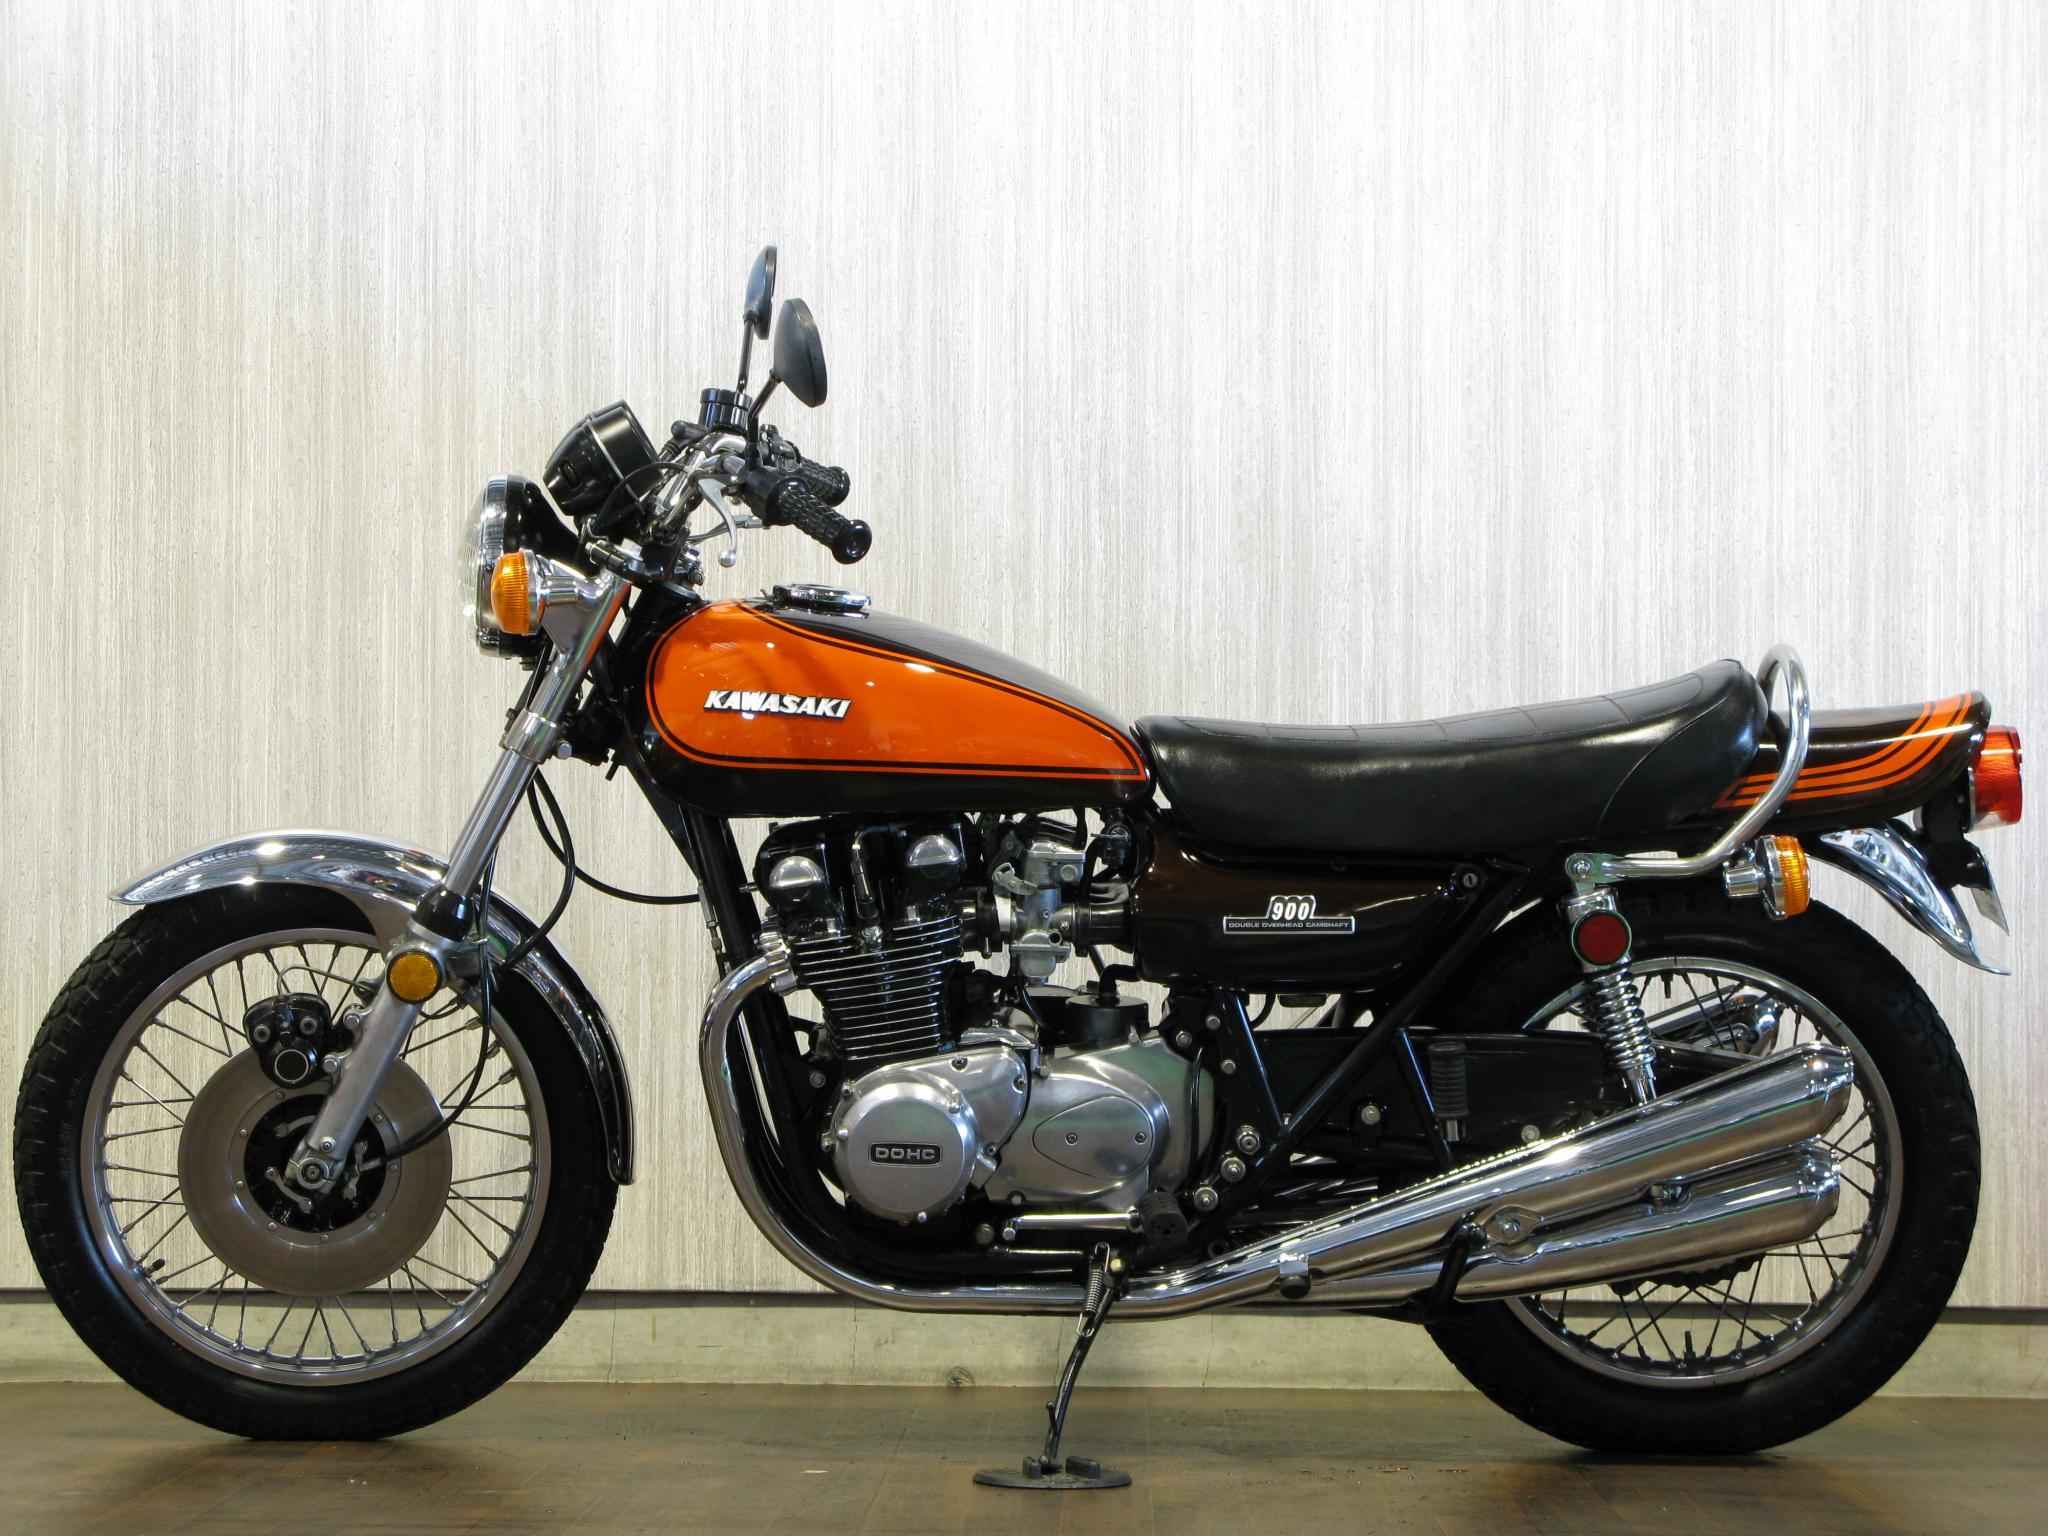 カワサキ 1972 Kawasaki Z1 車体写真4